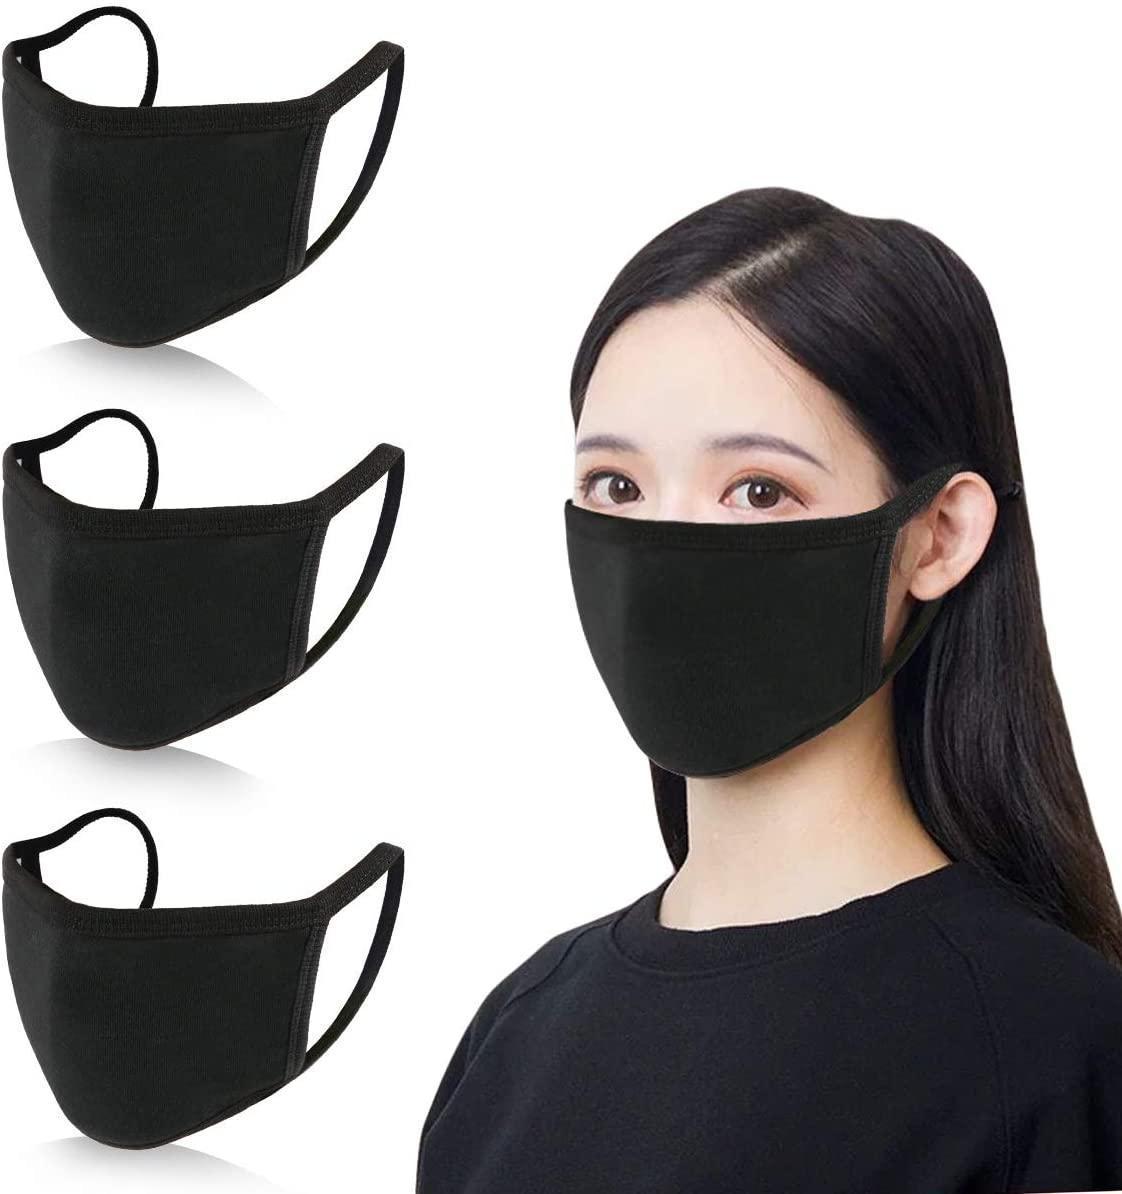 Дизайнер Anti-Dust Хлопок Рот маска Черный Защитные маски Unisex одноразовая маска для лица Человек женщина носить черный моды голодает перевозка груза